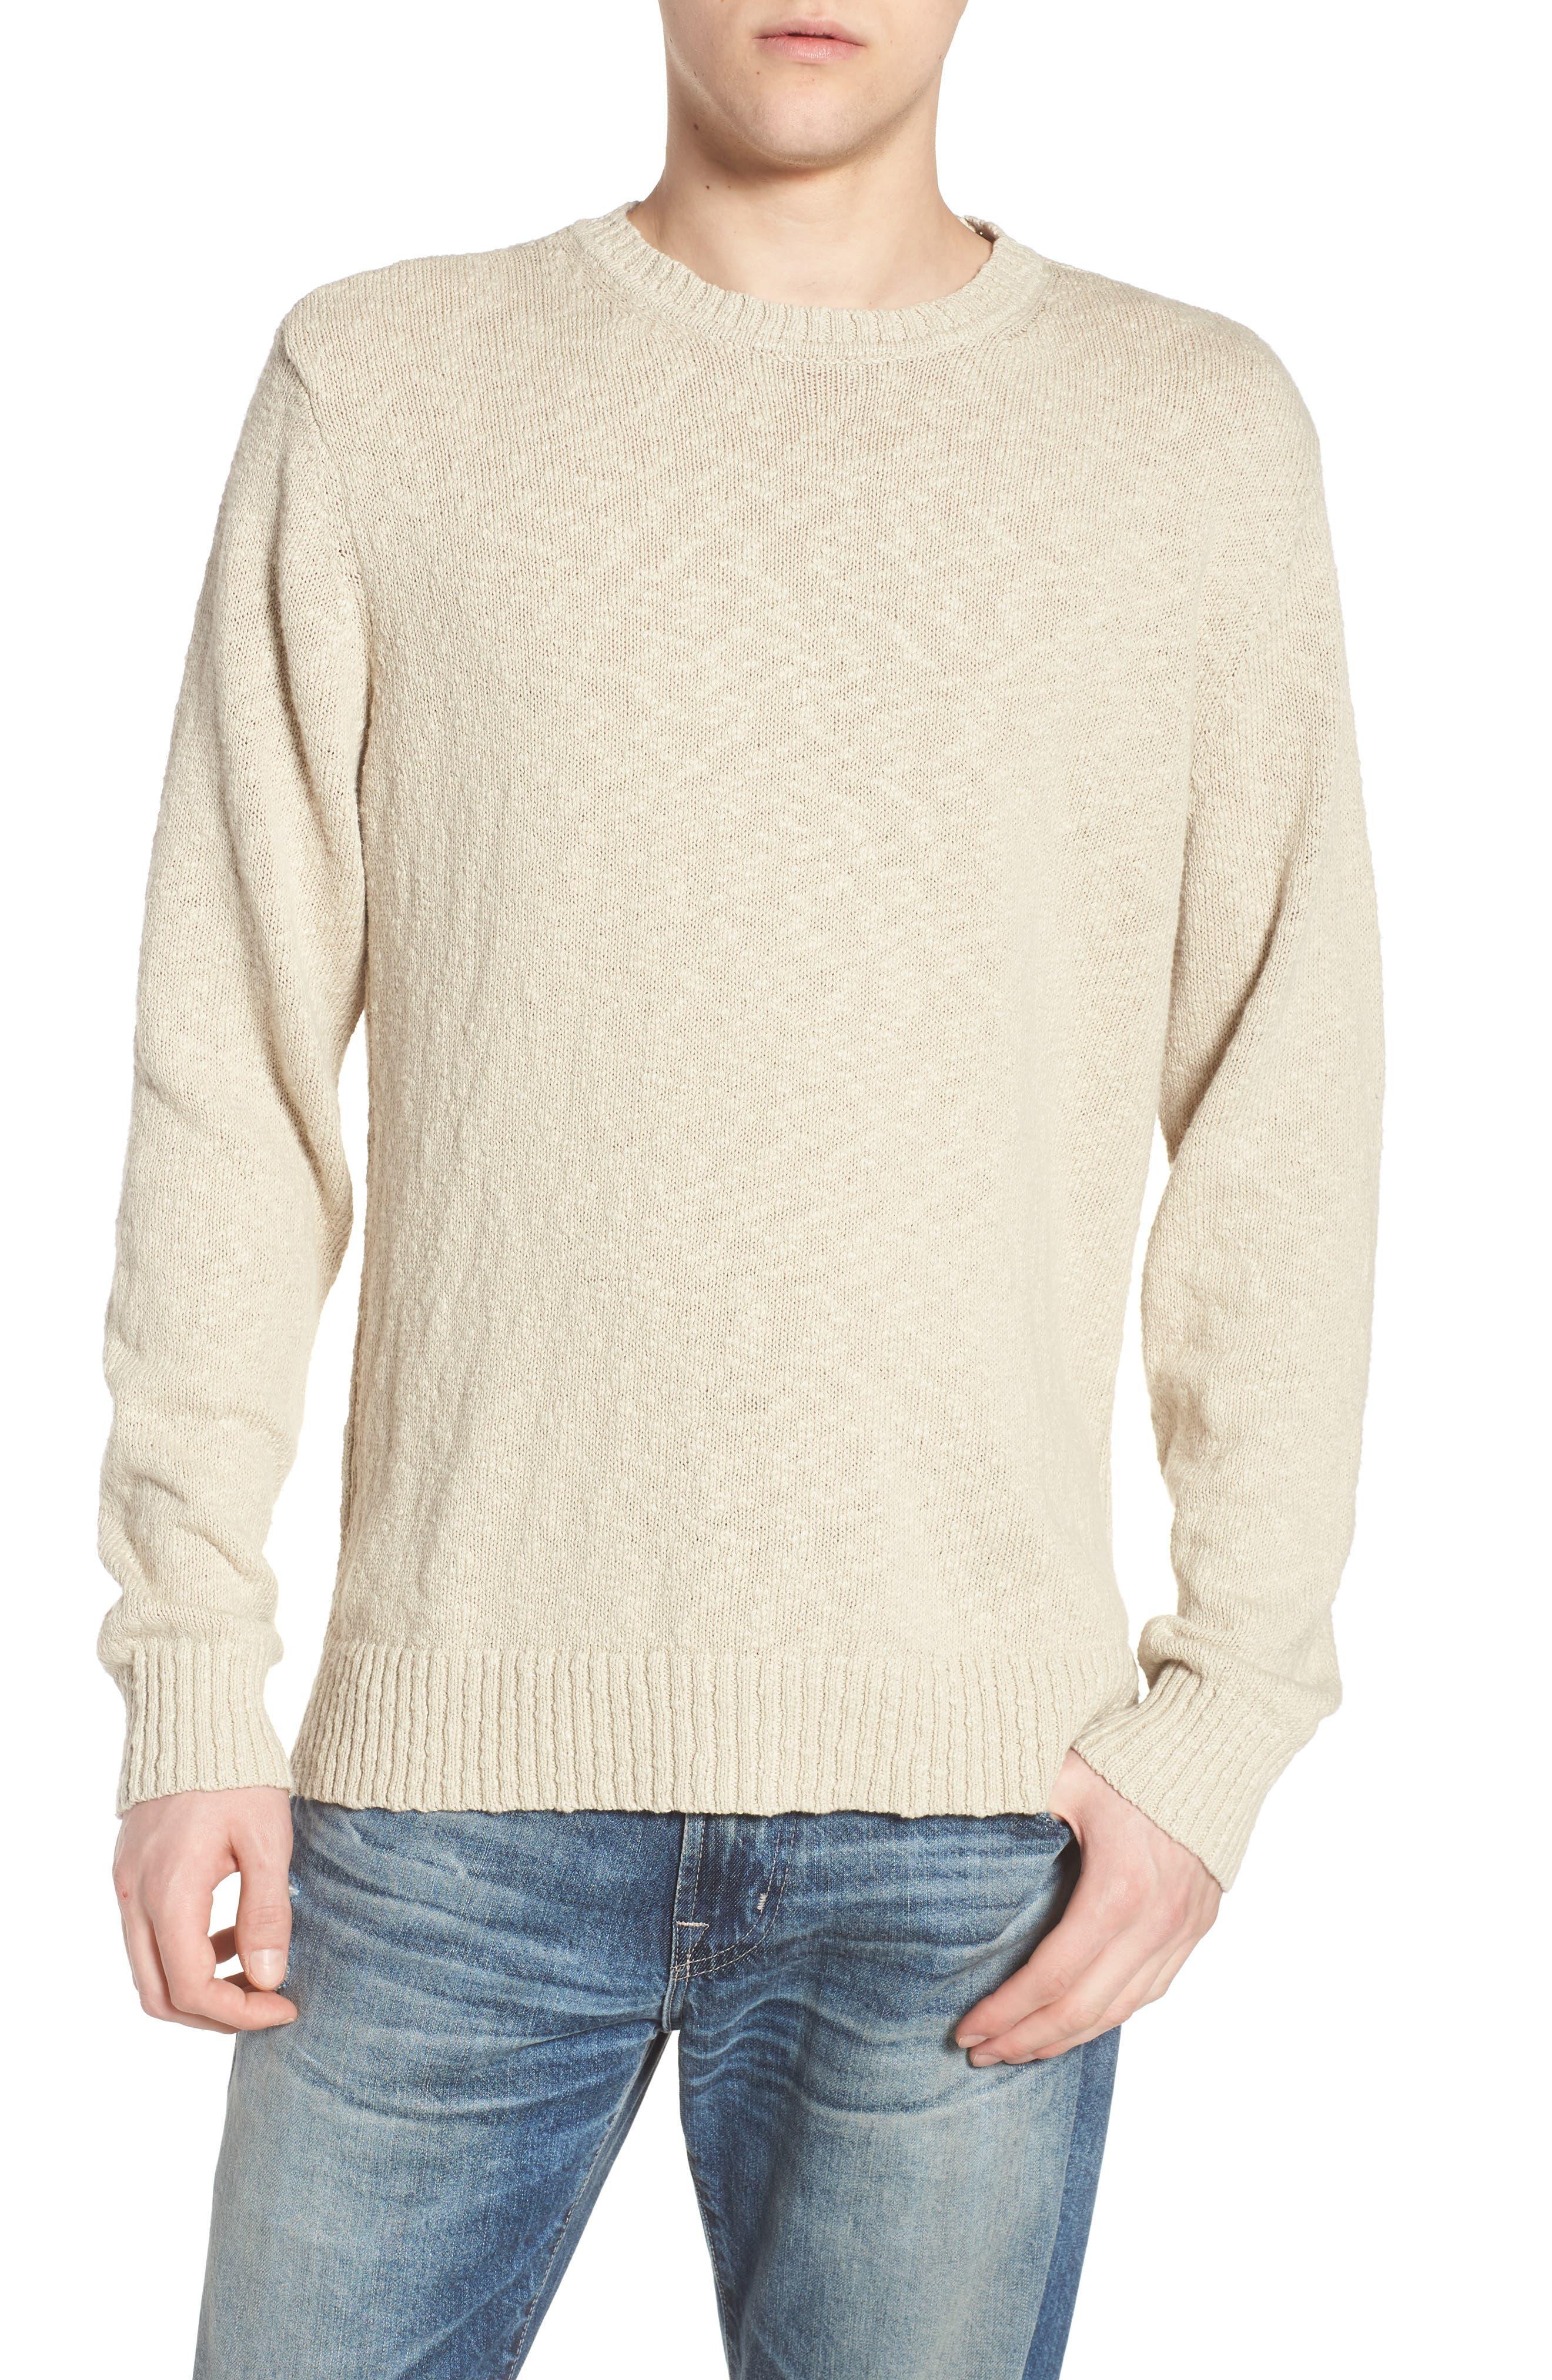 Deklyn Slim Fit Crew Sweater,                         Main,                         color, 250